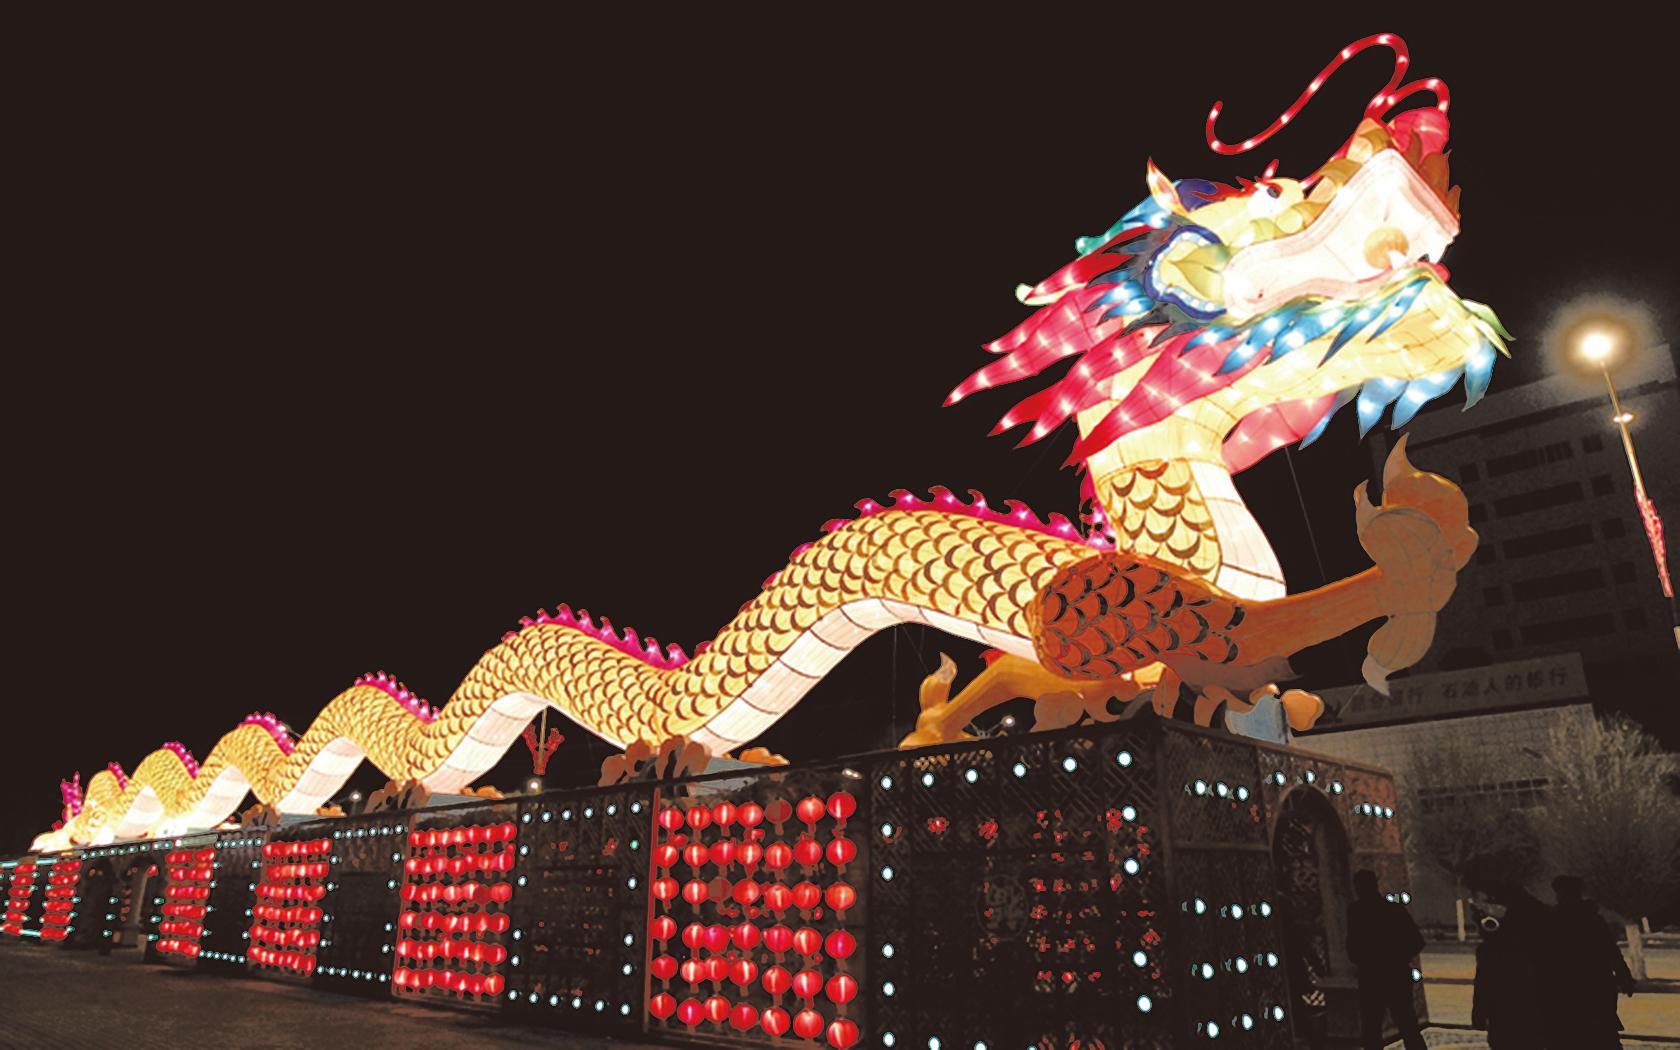 元宵節的傳統習俗有點花燈、猜燈謎的習俗,人們藉此表達對天神的敬仰,以及遊藝的文化趣味(Getty Images)